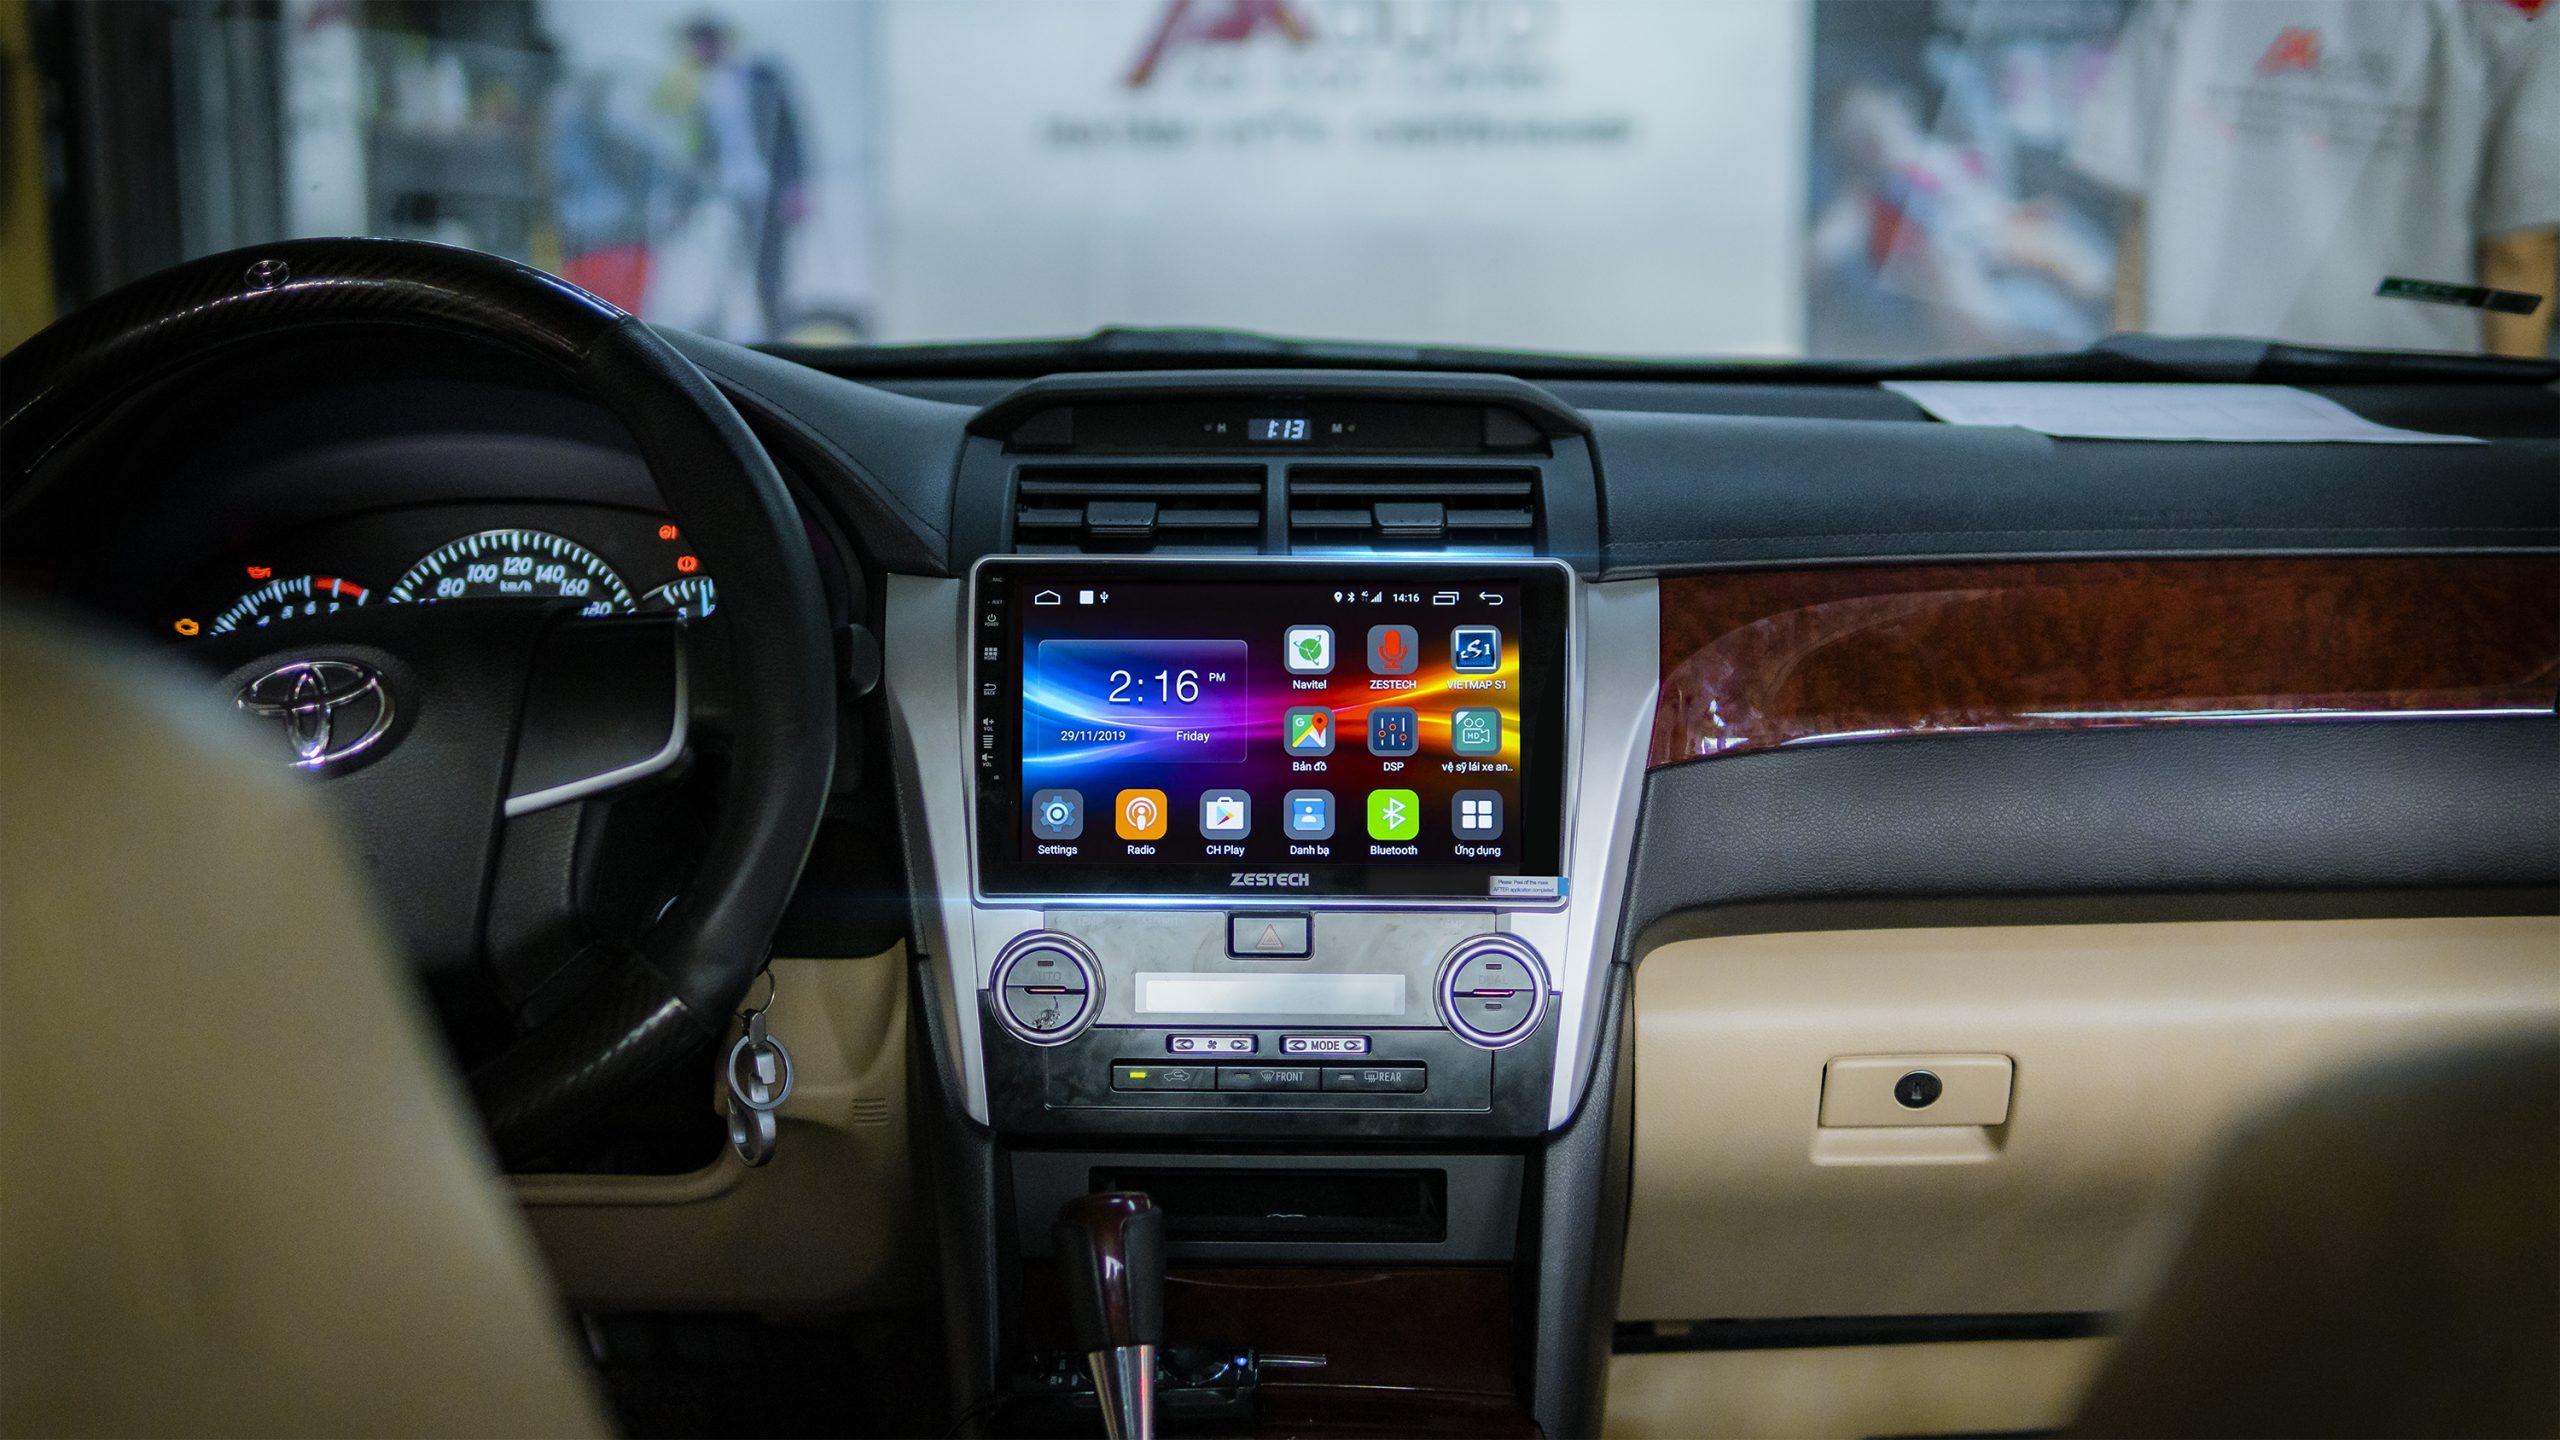 Màn hình Z900 lắp đặt trên xe Toyota Camry